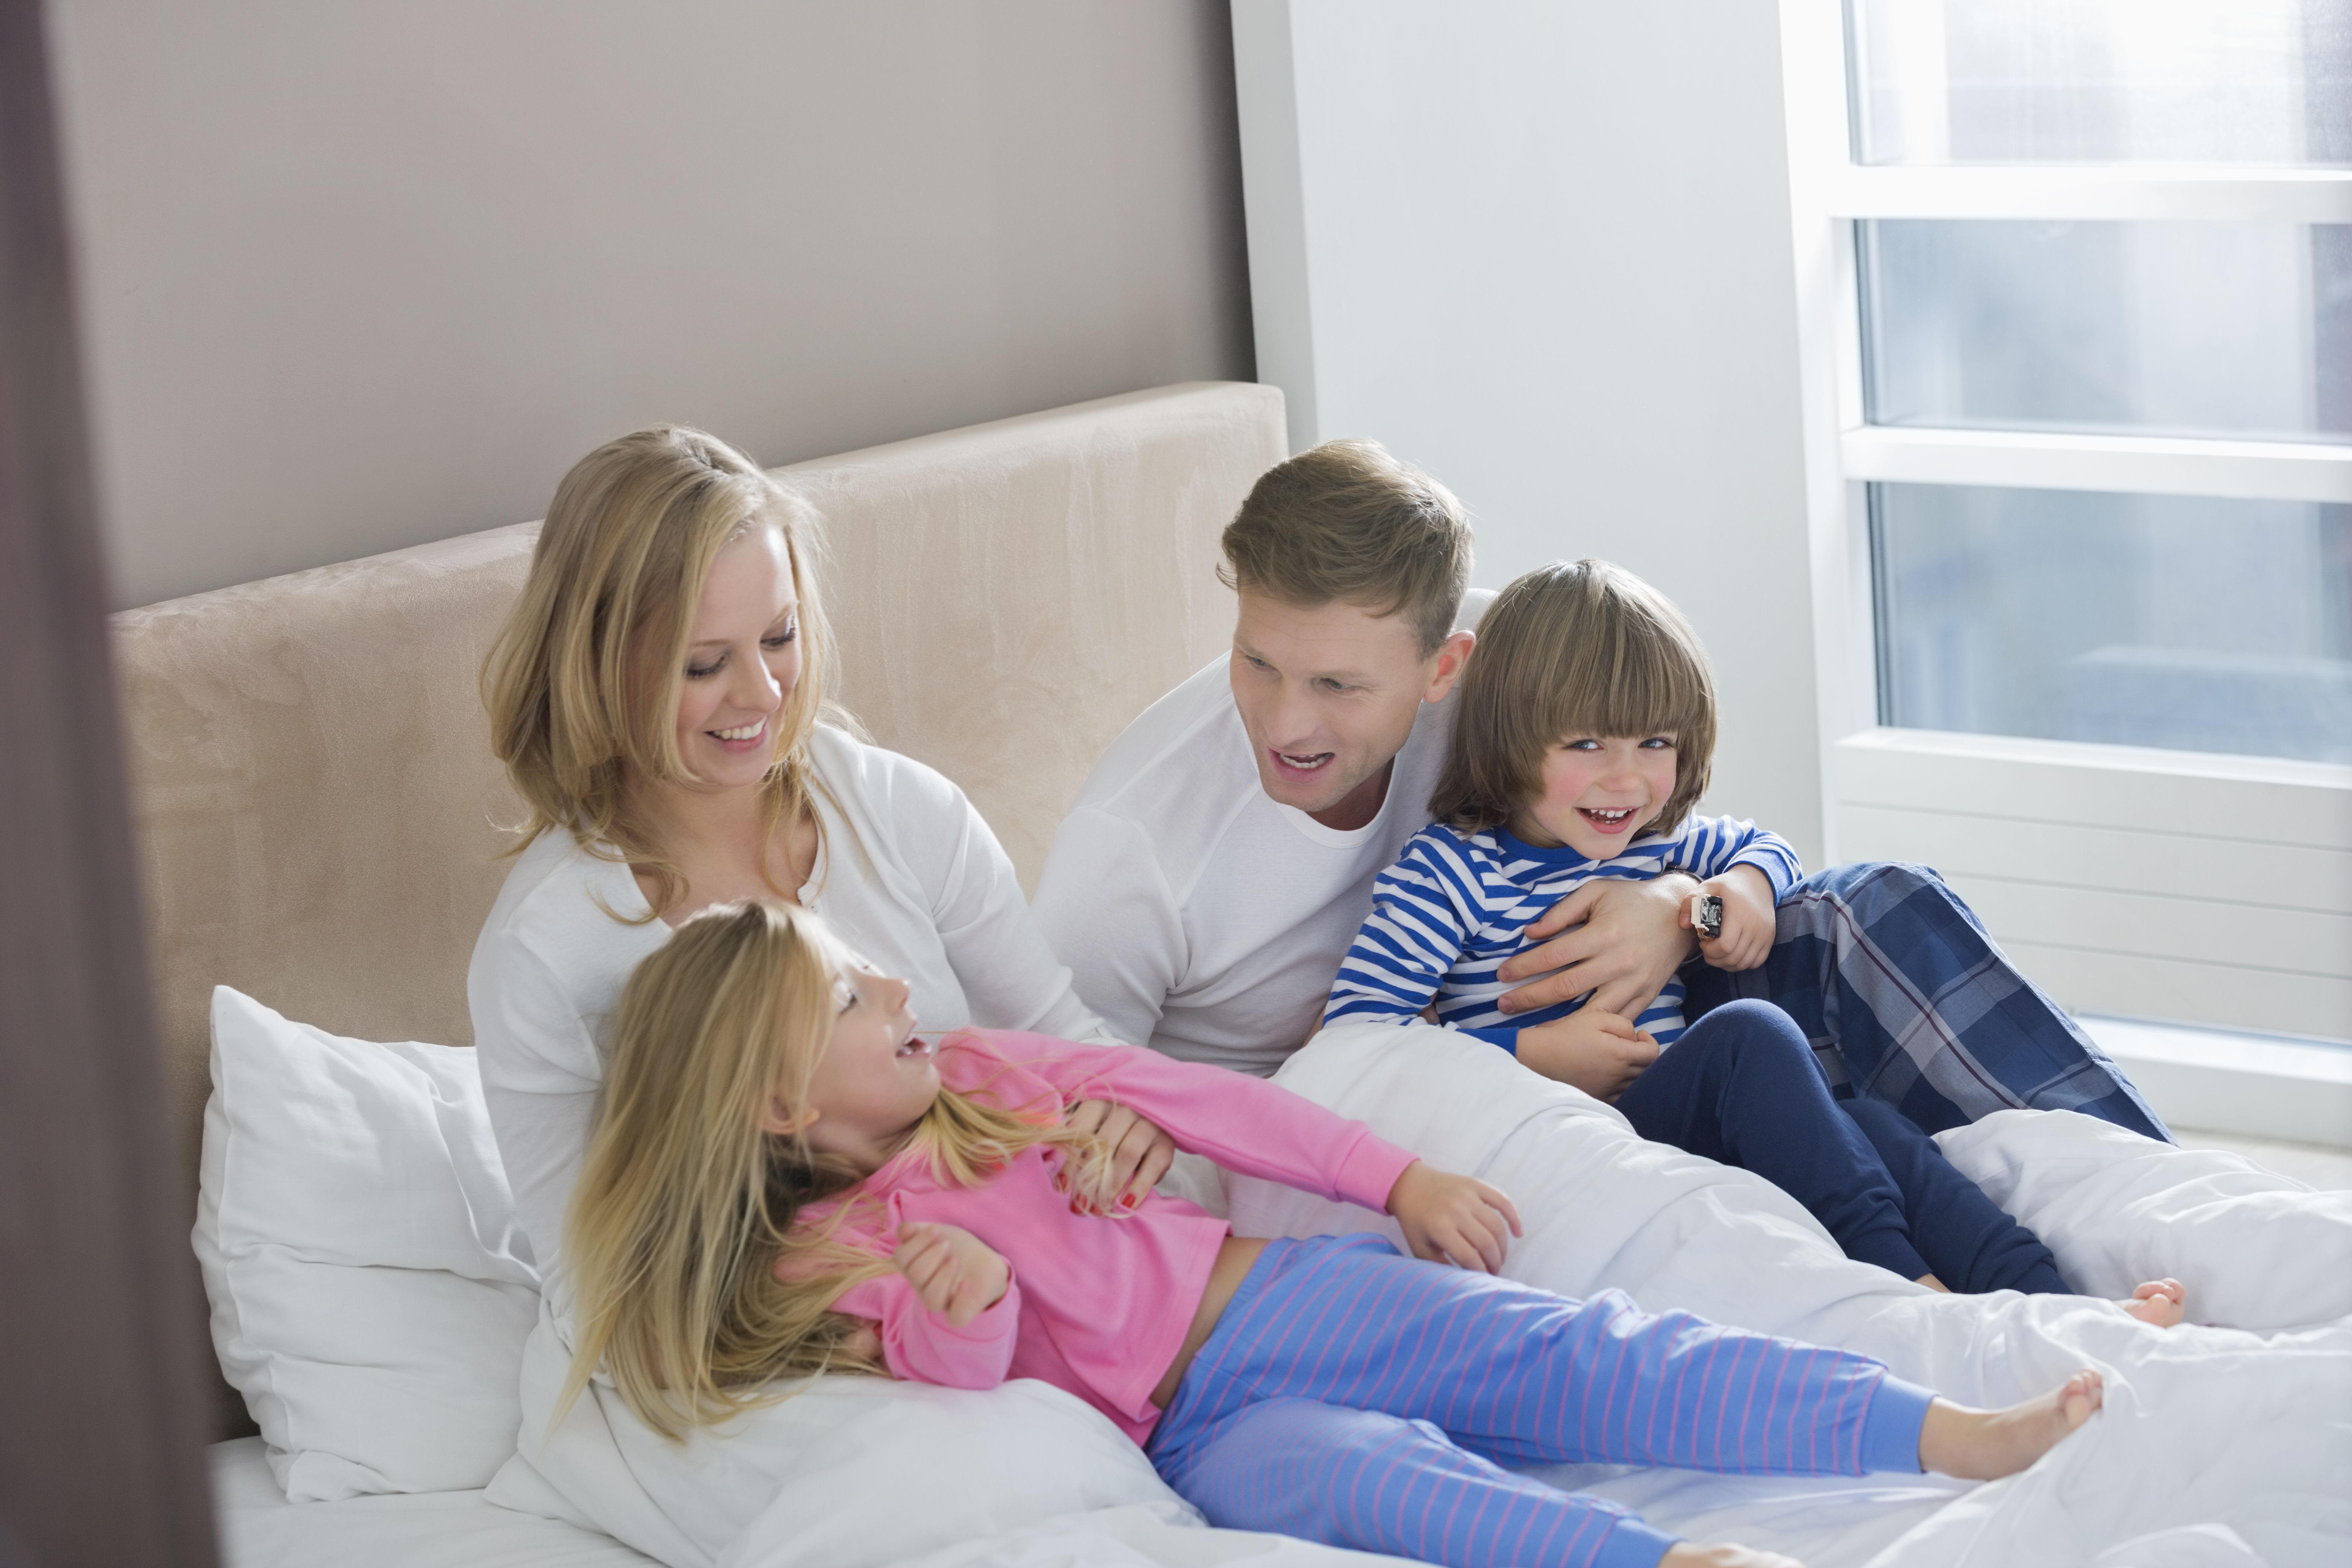 تصمیم گیری طلایی با راهنمایی مشاور خانواده - family counseling